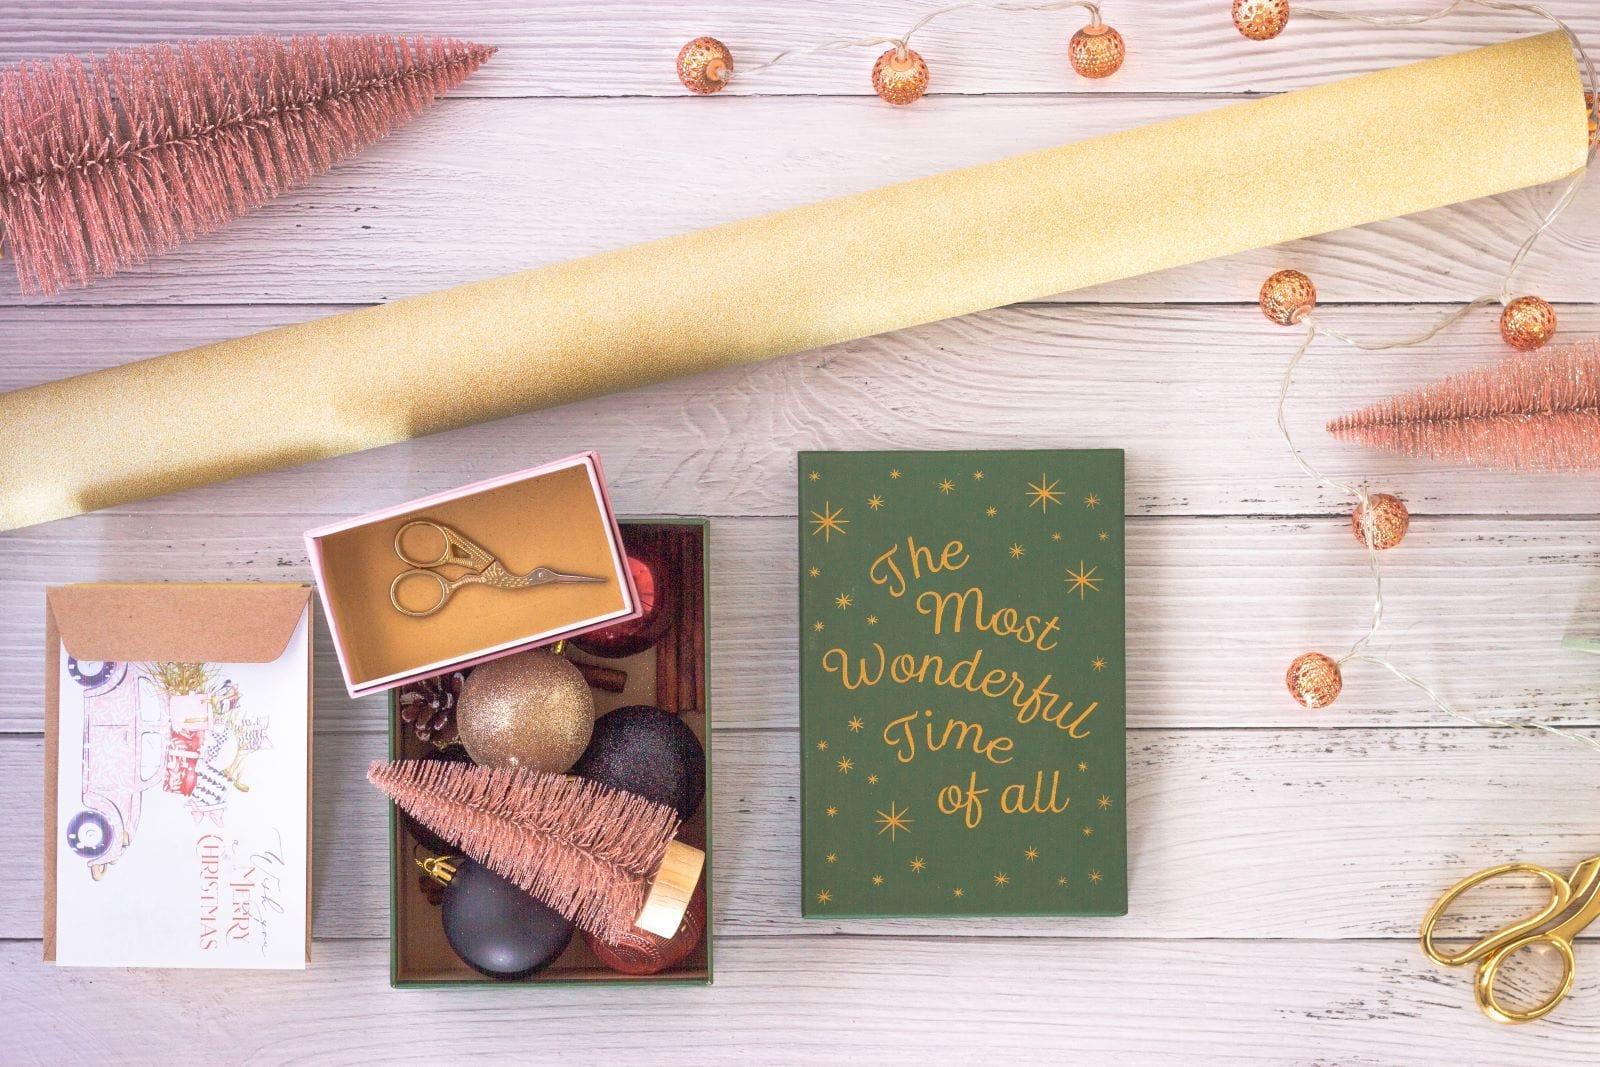 christmas gifting supplies and decor